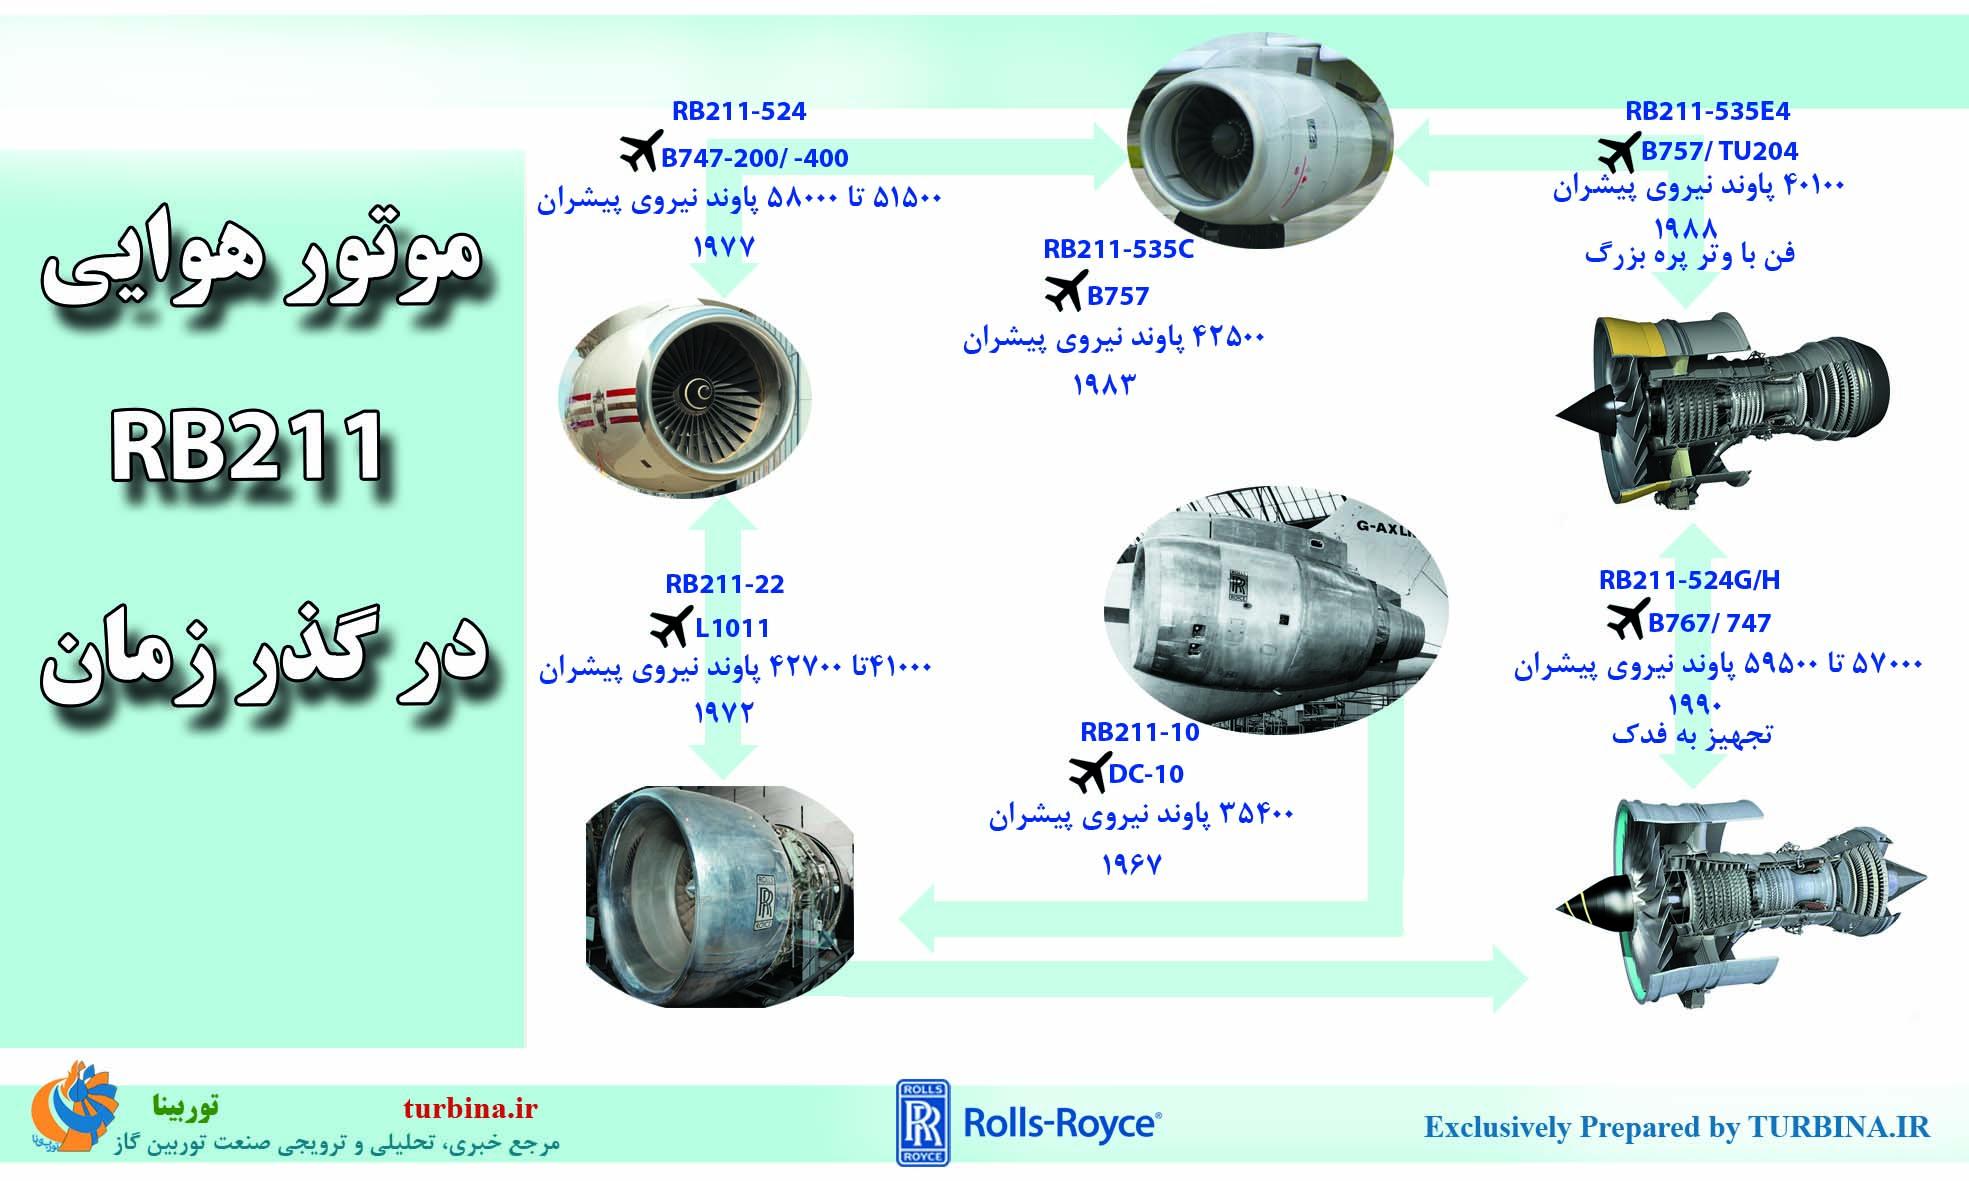 موتور هوایی RB211 در گذر زمان